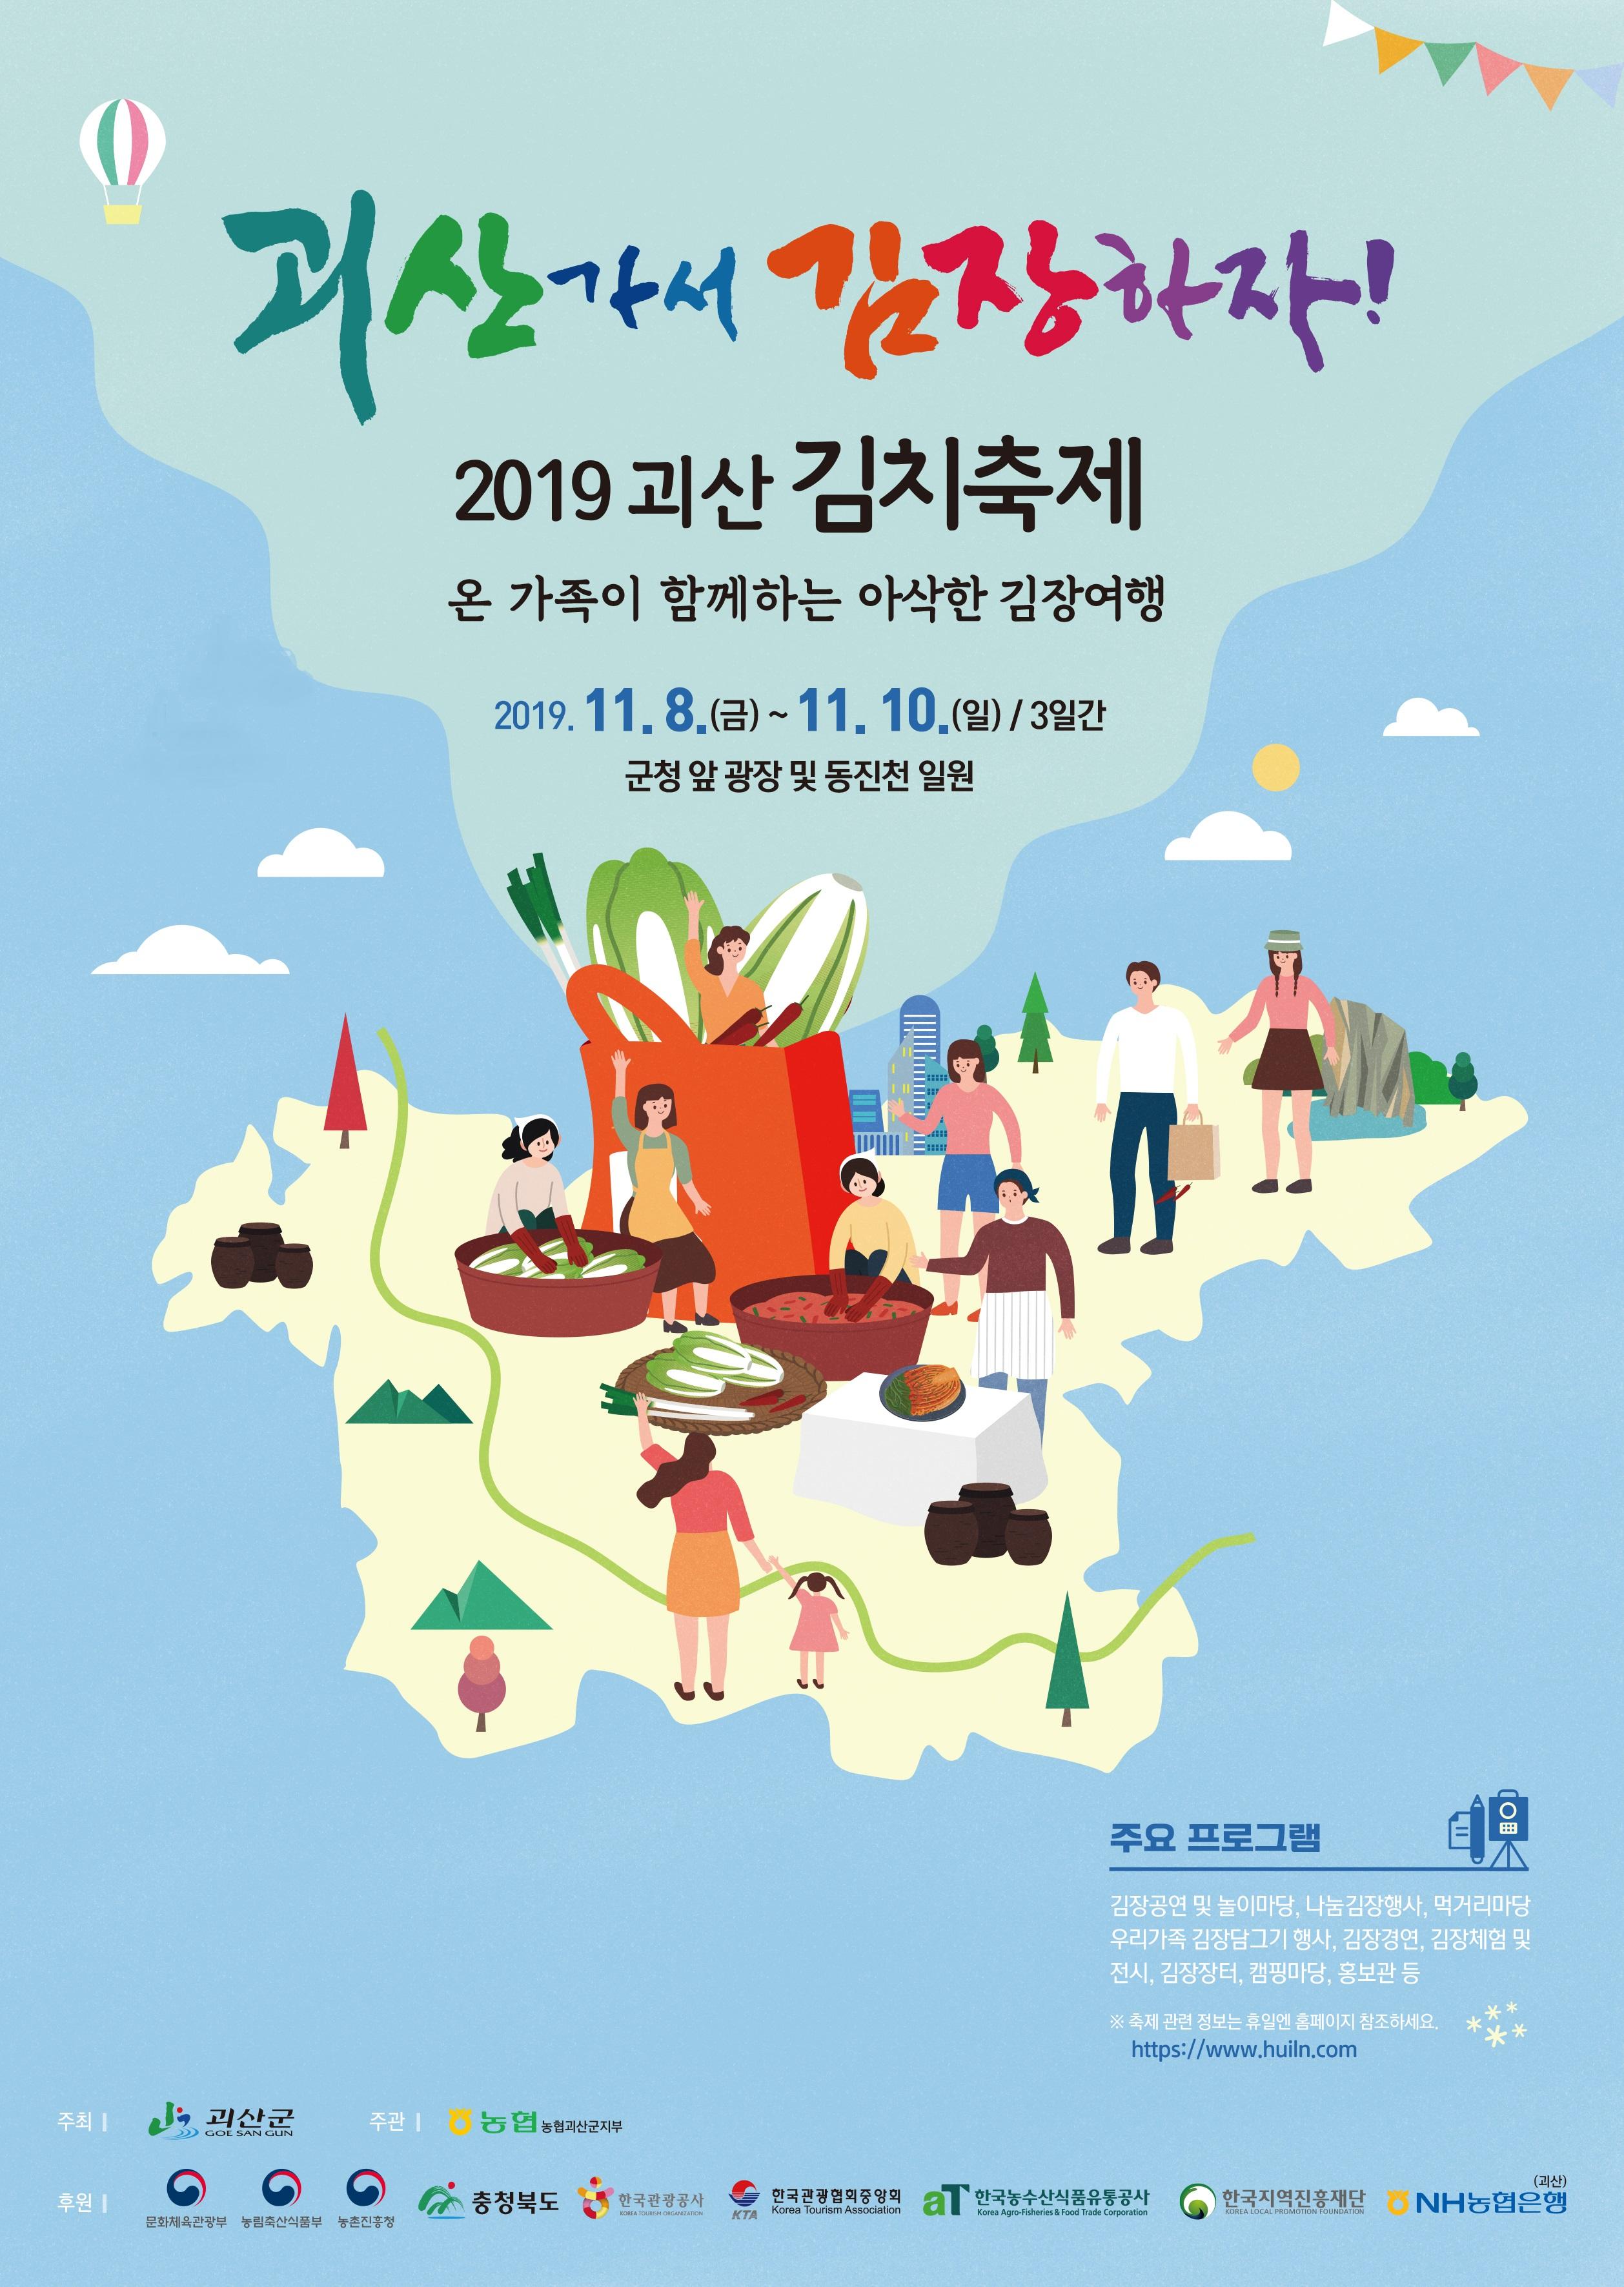 [일반] 괴산김장축제 및 전국 청소년 트롯 경연대회 개최의 첨부이미지 1